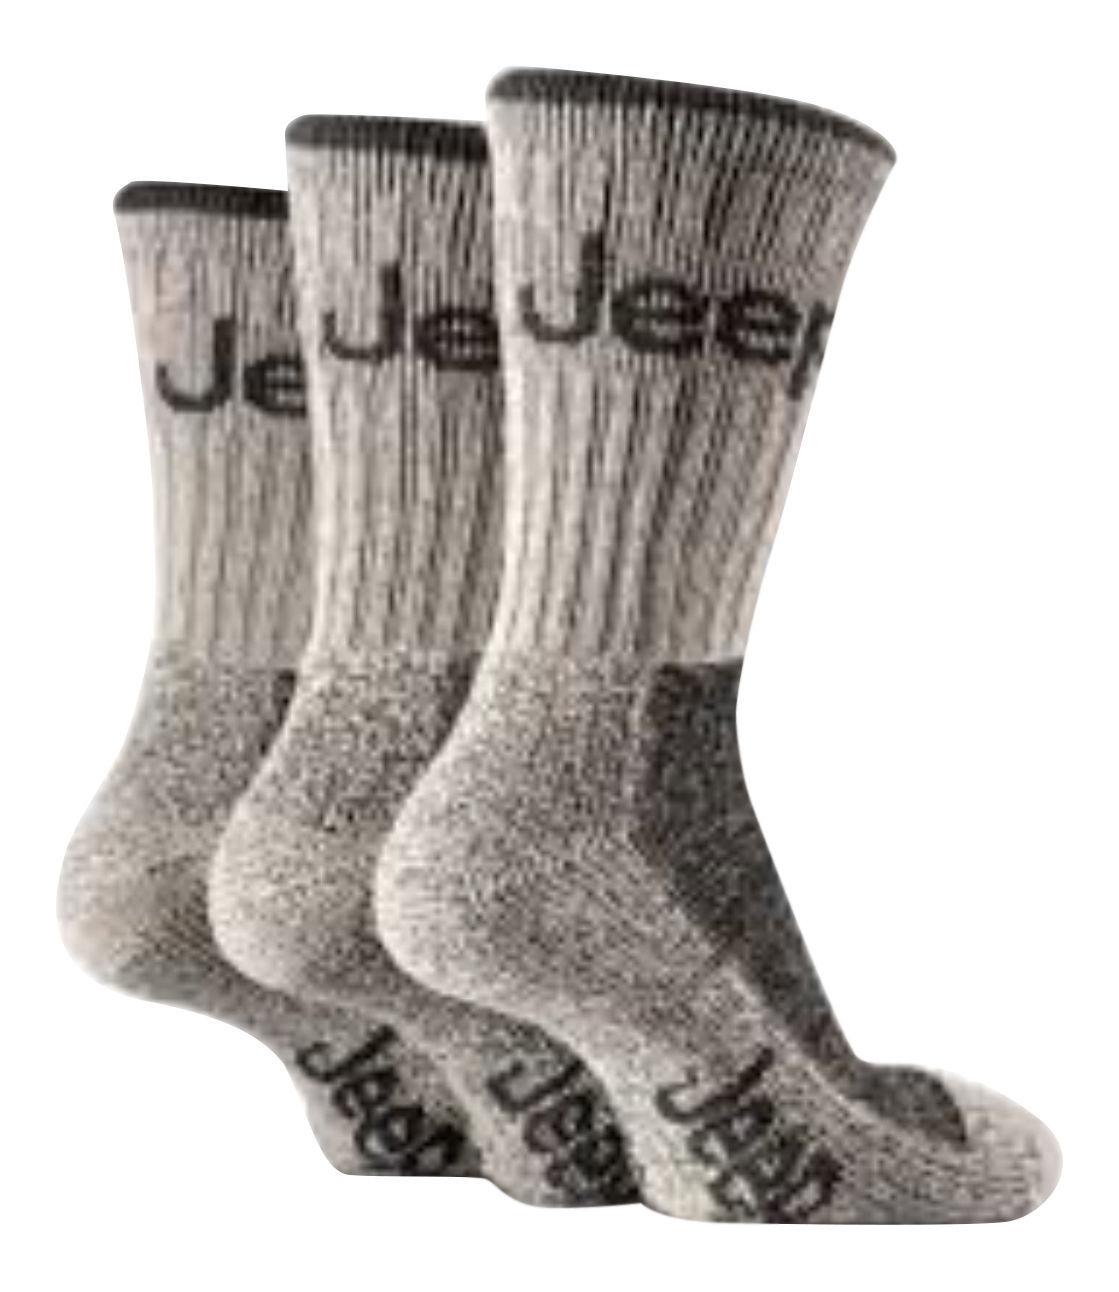 Jeep - 3 paires homme randonnée travail coton chaussettes 39-45 eur